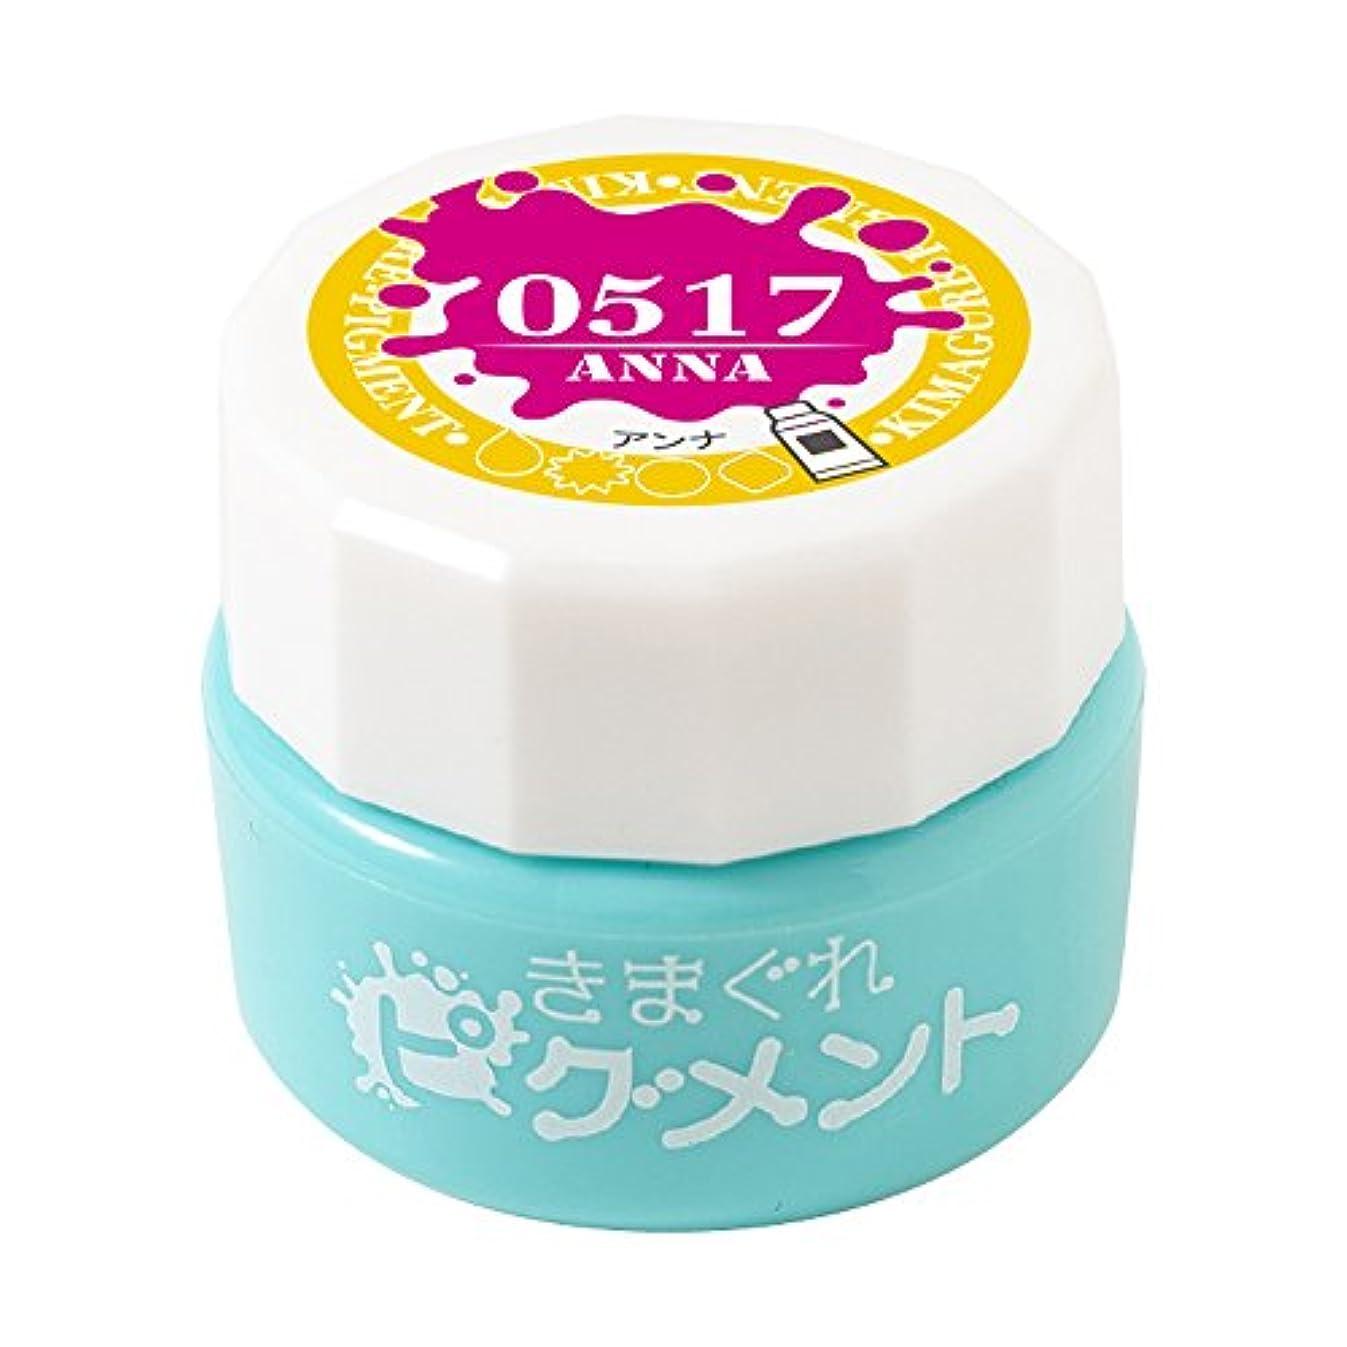 ハチピュー会社Bettygel きまぐれピグメント アンナ QYJ-0517 4g UV/LED対応